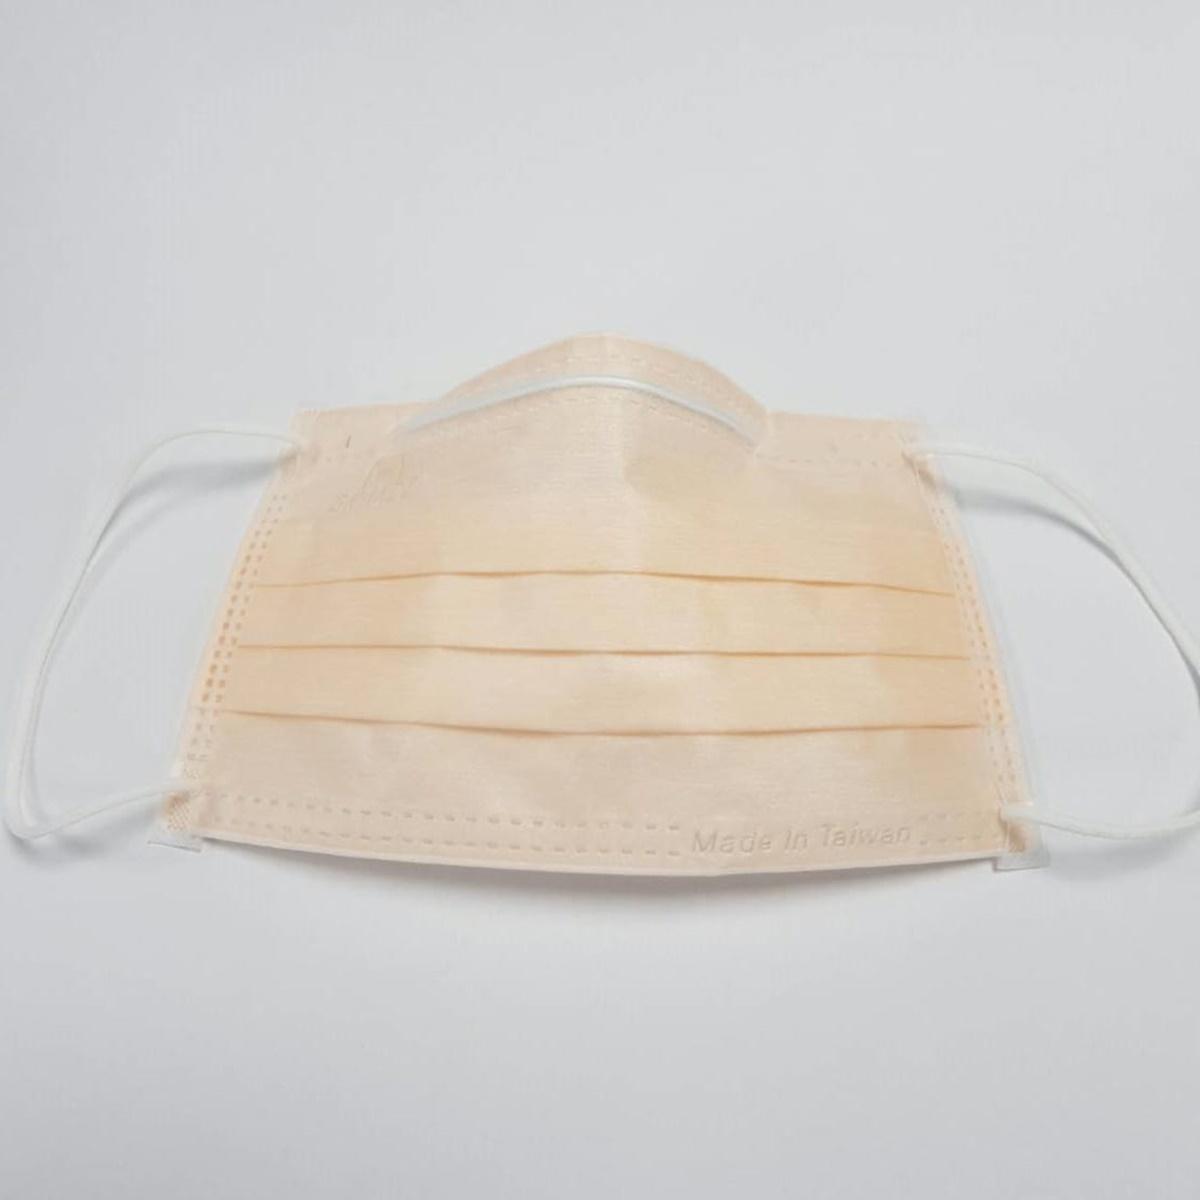 超特別「土地公愛馬仕」色款口罩!每片不到8元這裡買,還有11折好康、4大超商免運